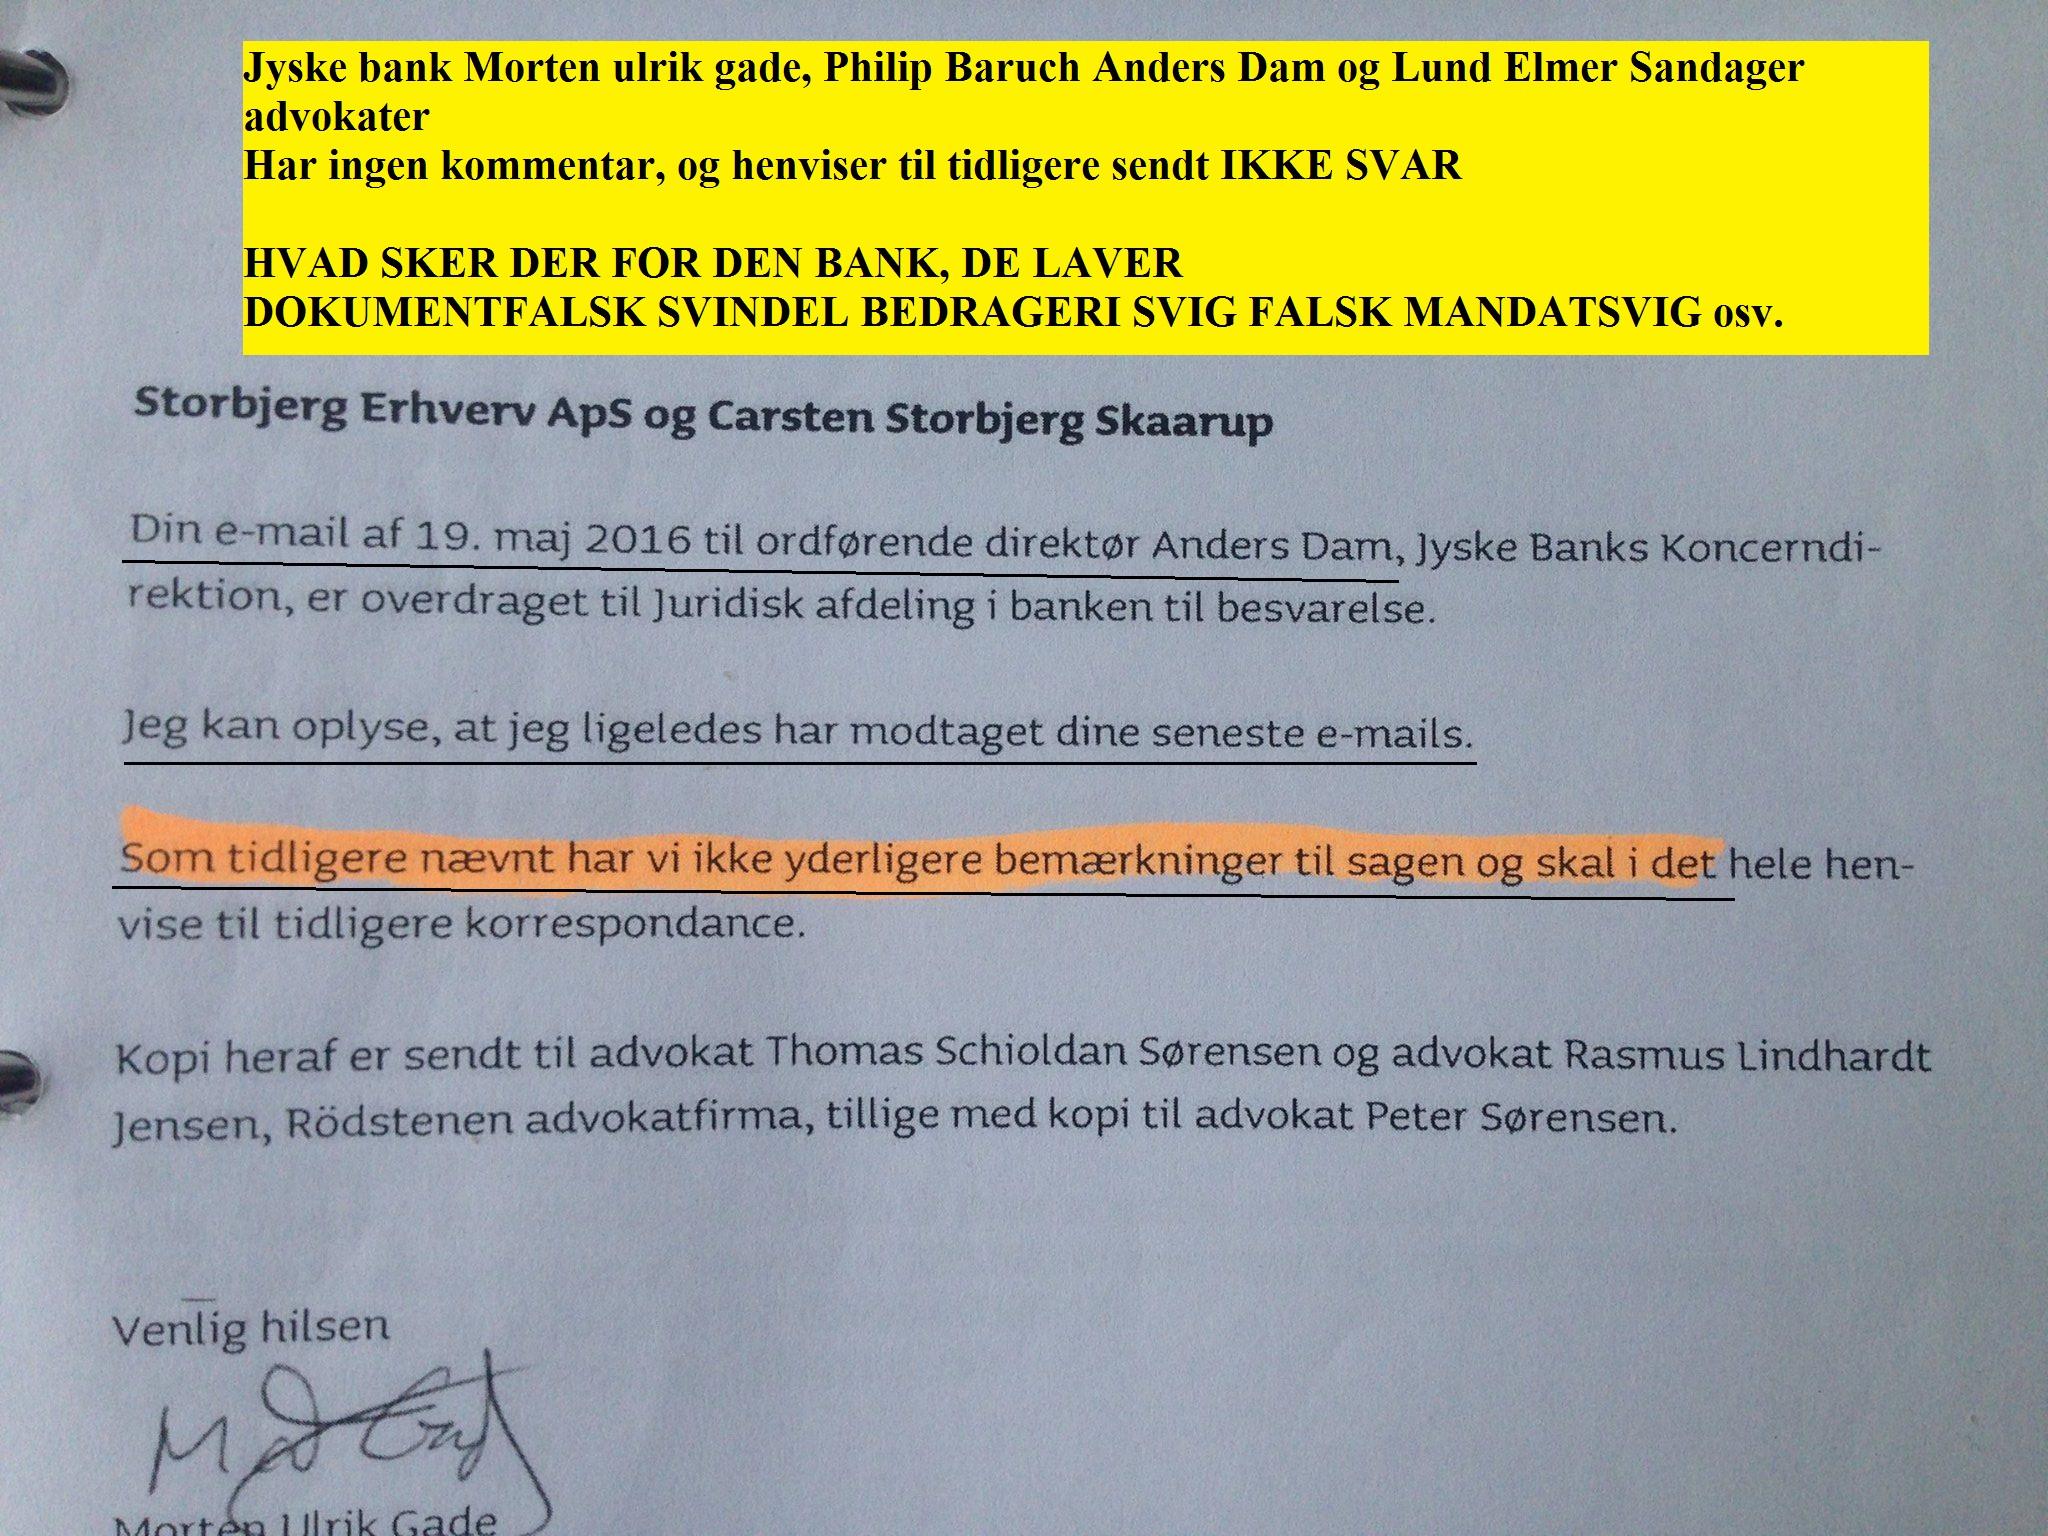 PENGEGRIS.DK. Jyske bank lavede 3 dobbelt mandatsvig mod lille kunde, for ar ved dokumentfalsk ...